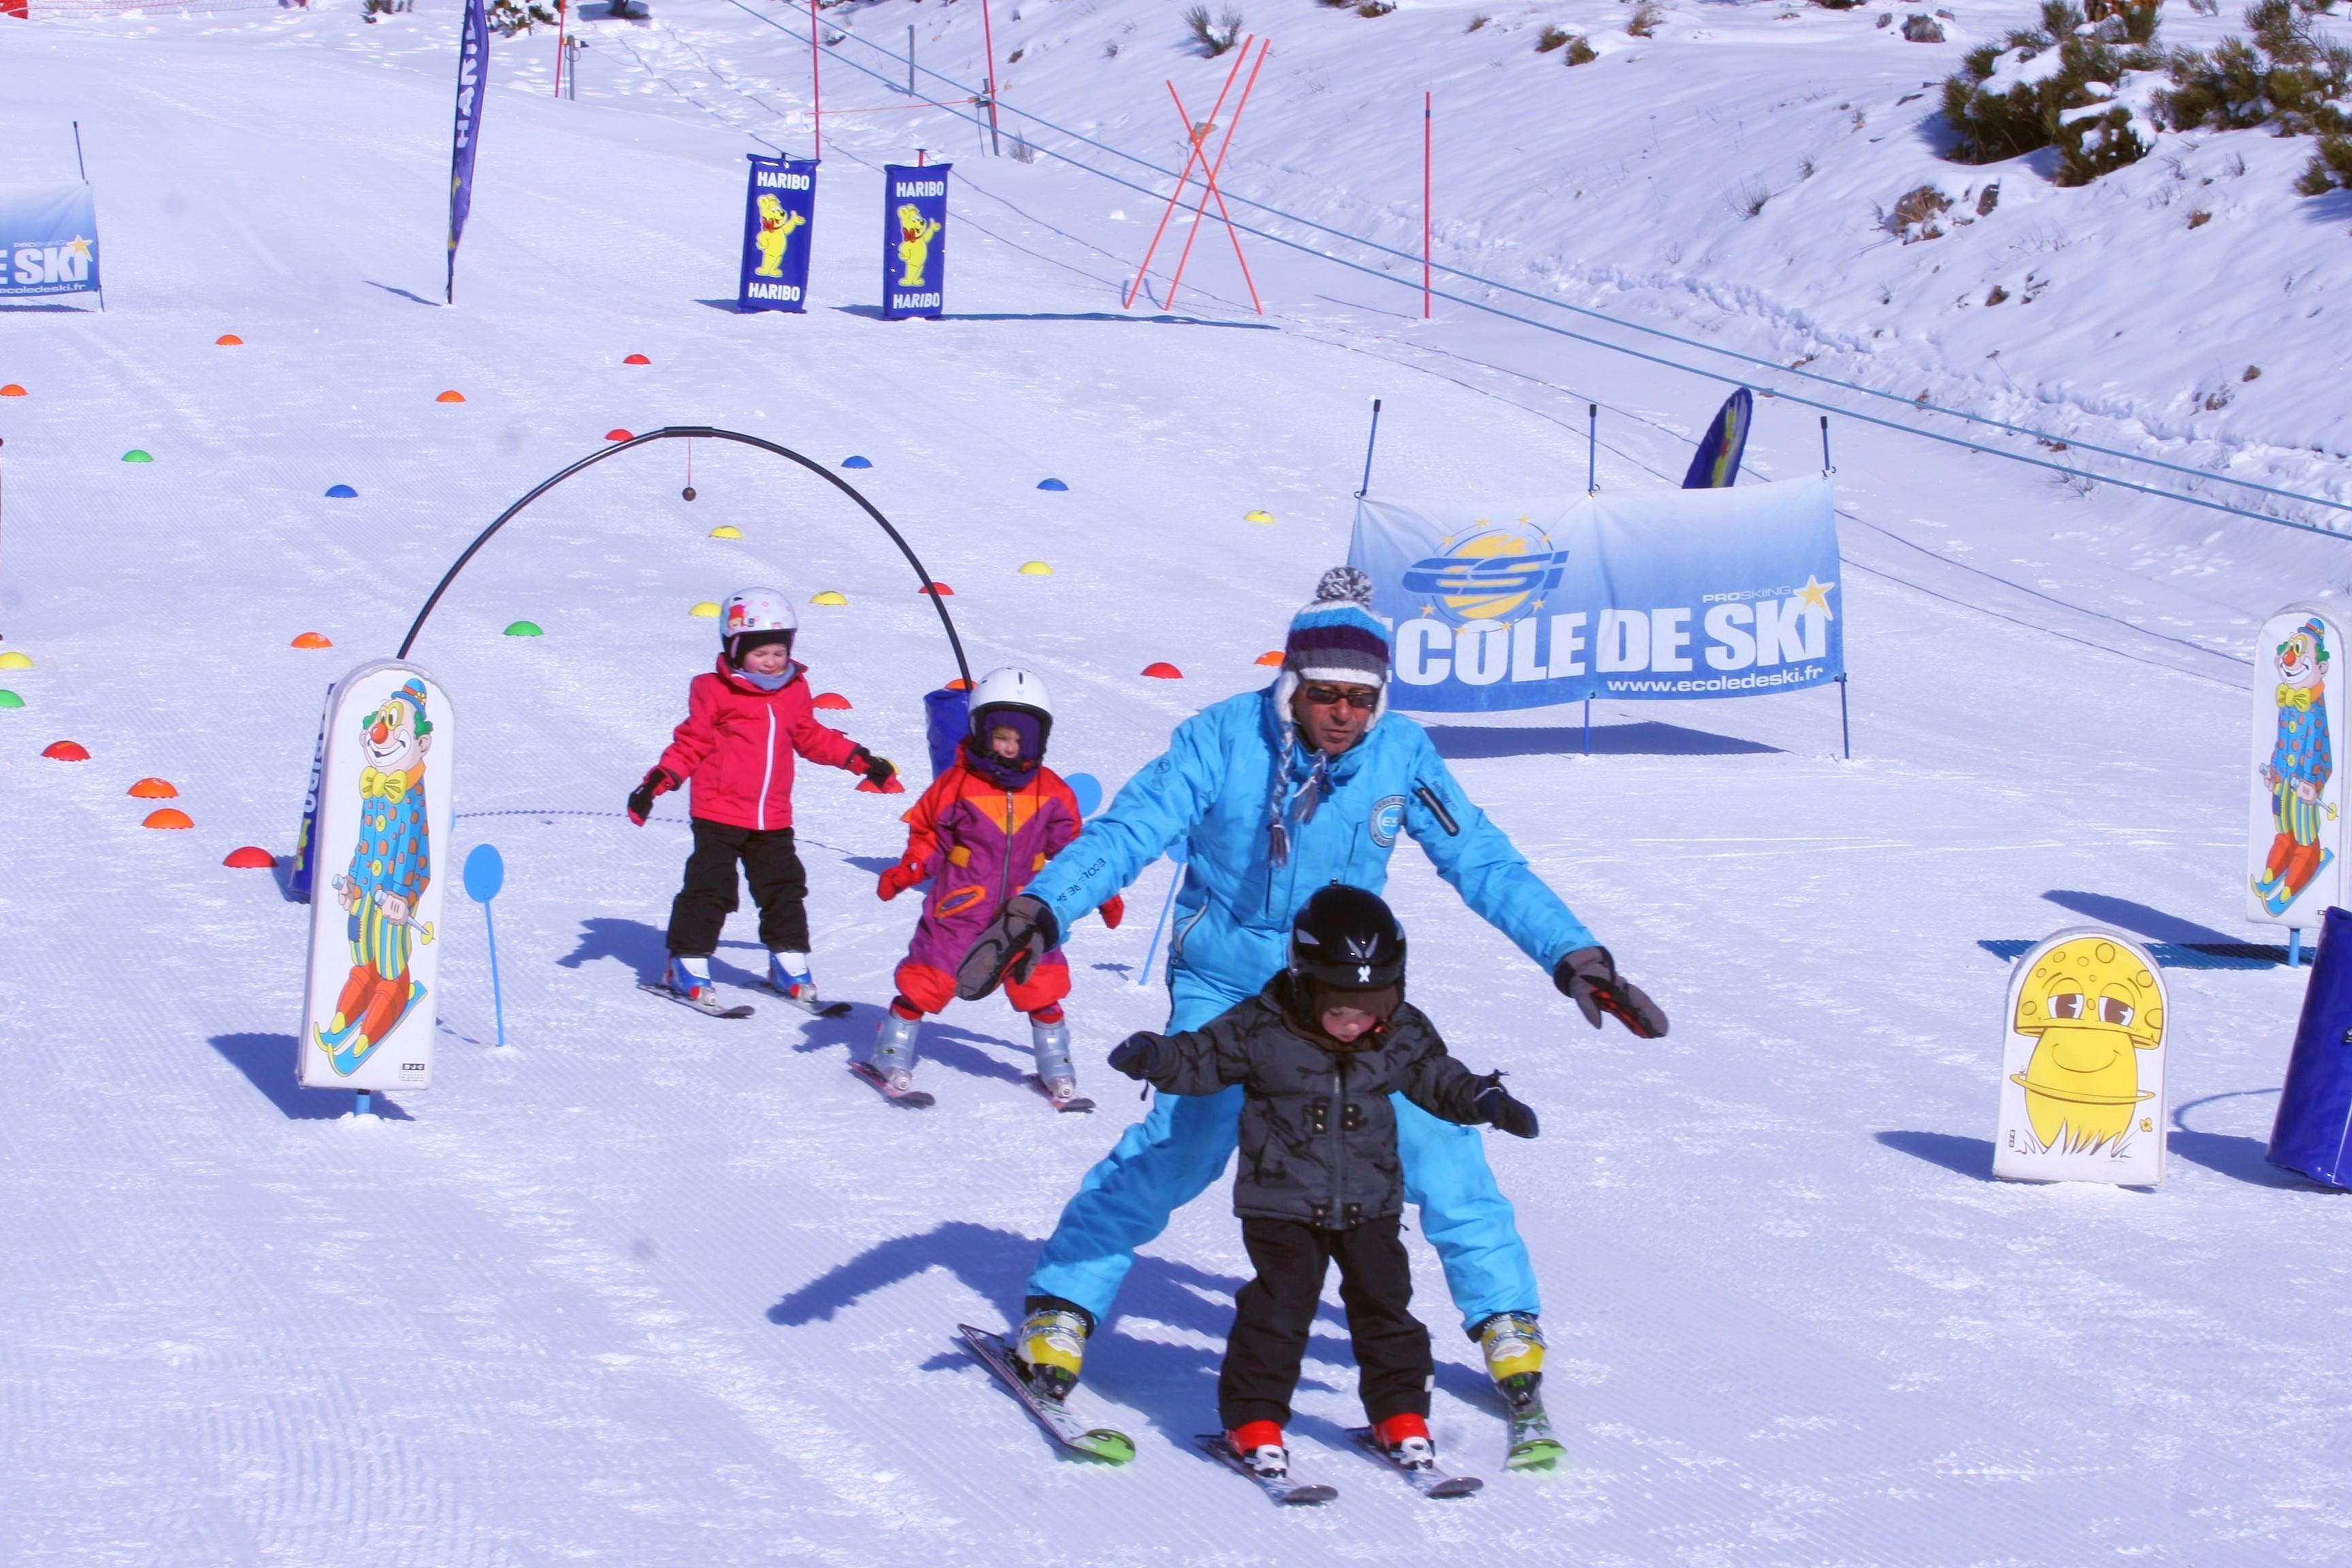 Cours de ski Enfants (3-6 ans) - Vacances - Matin